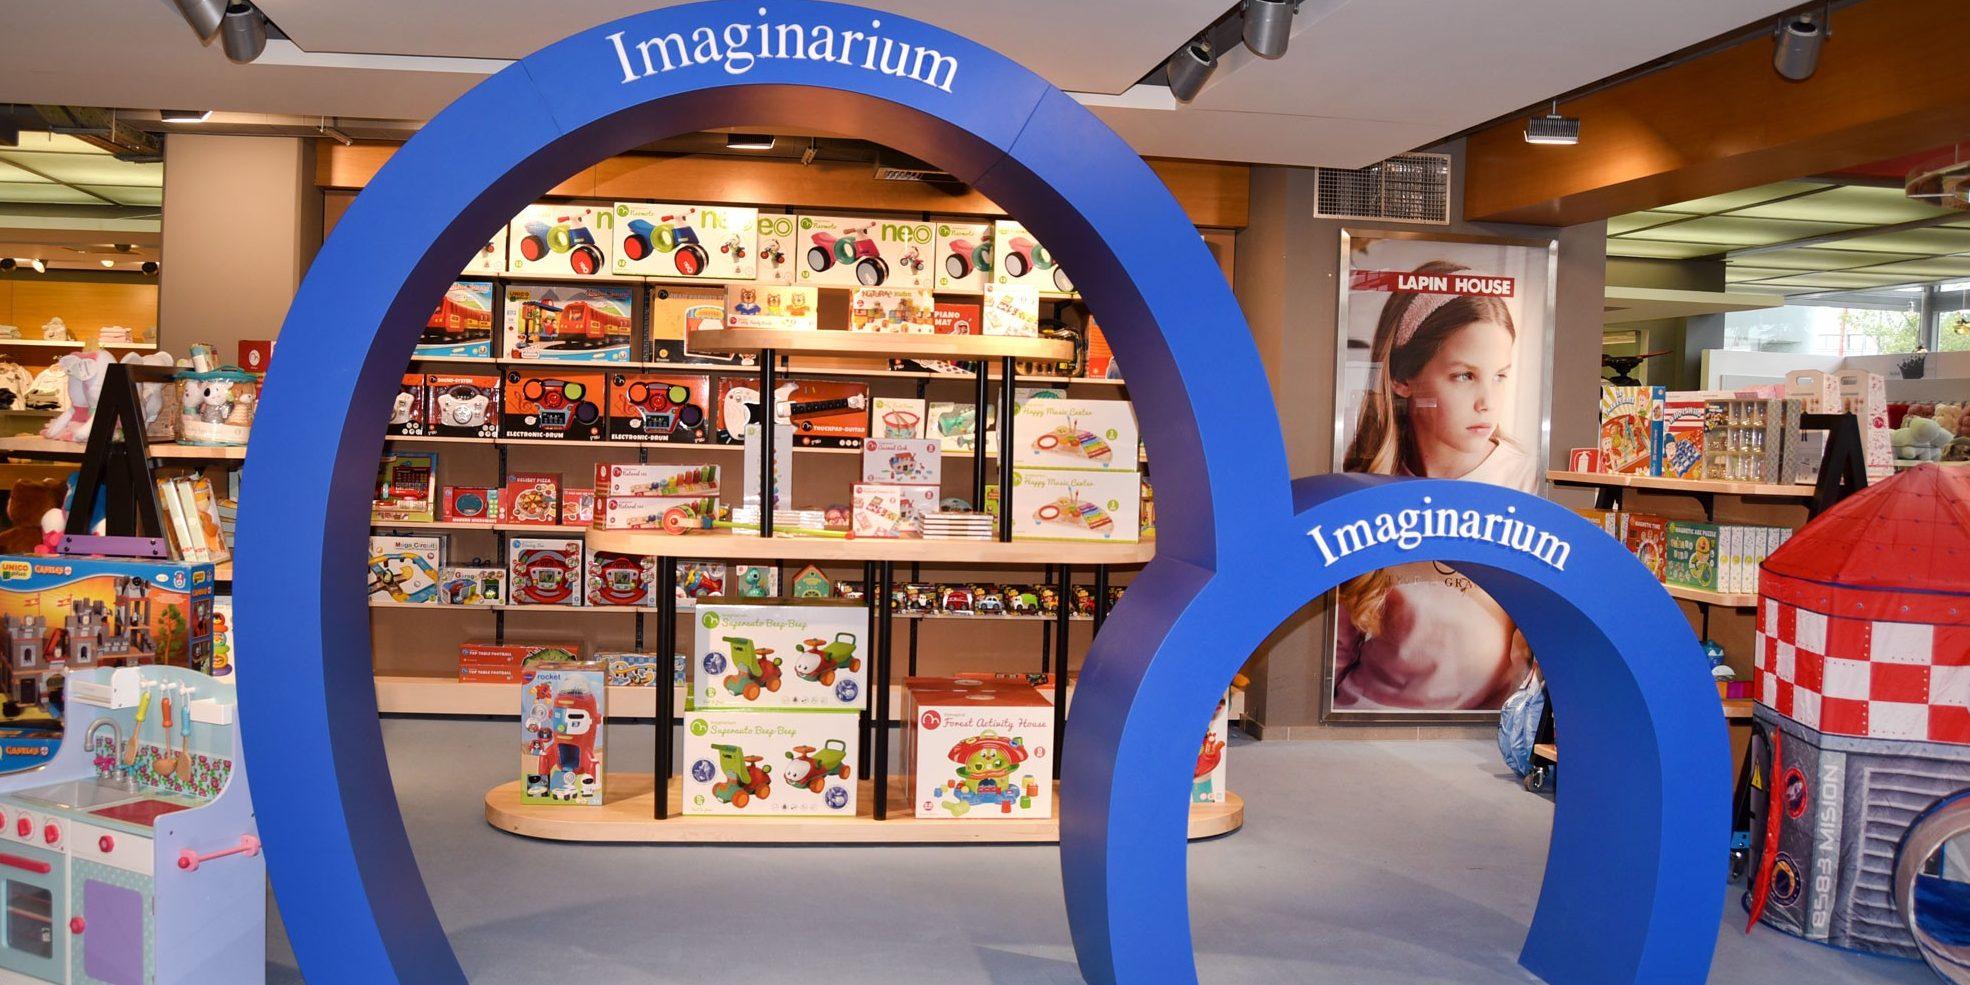 Τα Ιmaginarium έφτασαν στην οικογένεια Lapin Το αγαπημένο σε όλους brand παιχνιδιών Imaginarium γίνεται το κομμάτι που έλειπε από το παζλ μιας ευφάνταστης και υψηλού επιπέδου συλλογής από τα πιο δυνατά ονόματα της αγοράς.